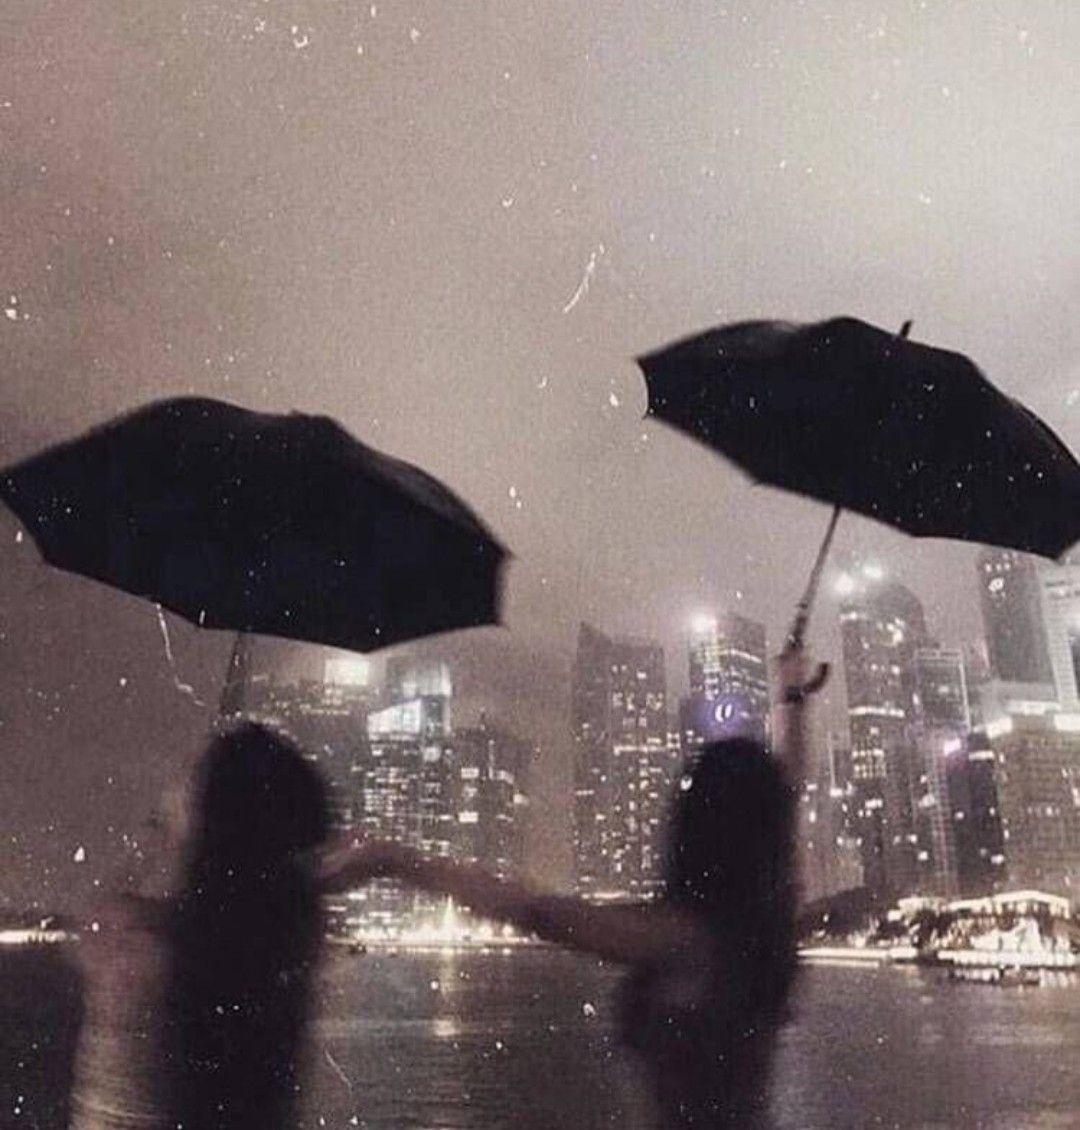 Dancing in the dark ☔ 🌃 on We Heart It